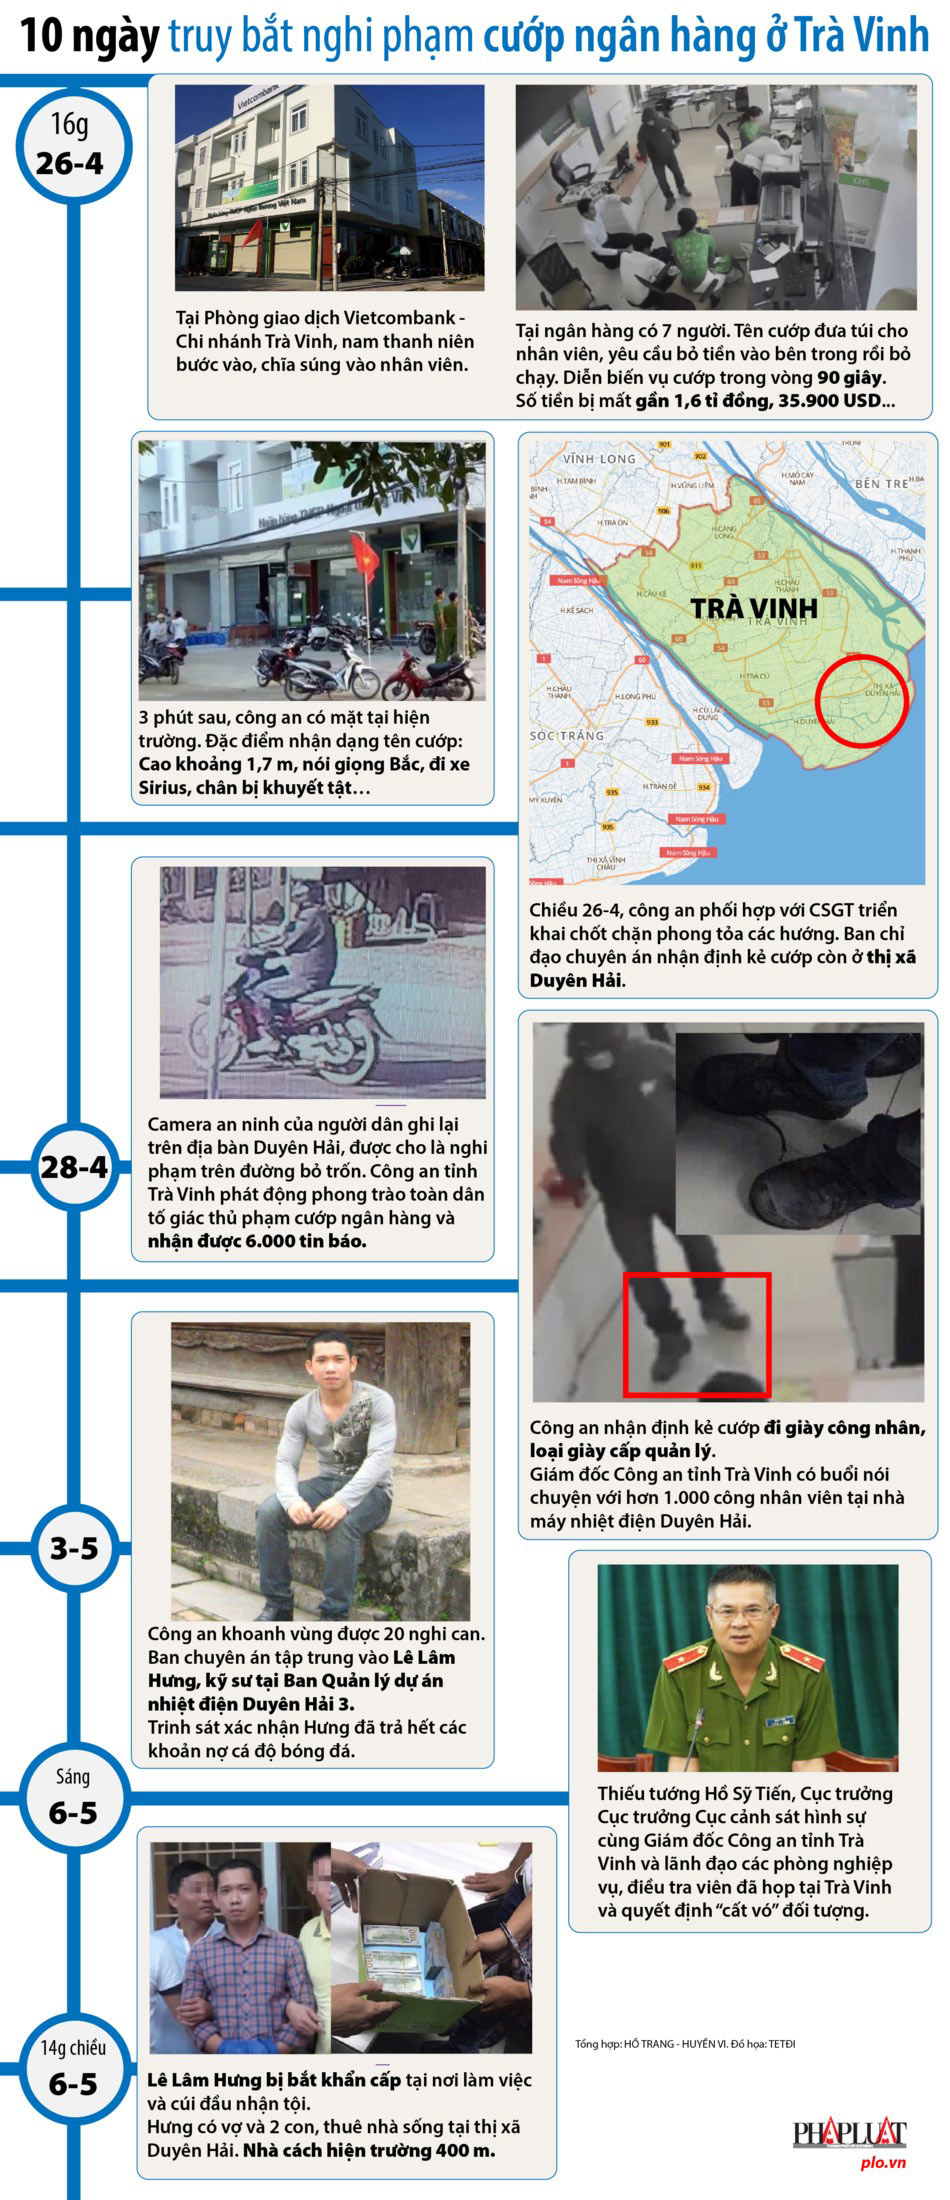 10 ngày truy bắt nghi phạm cướp ngân hàng ở Trà Vinh - 1